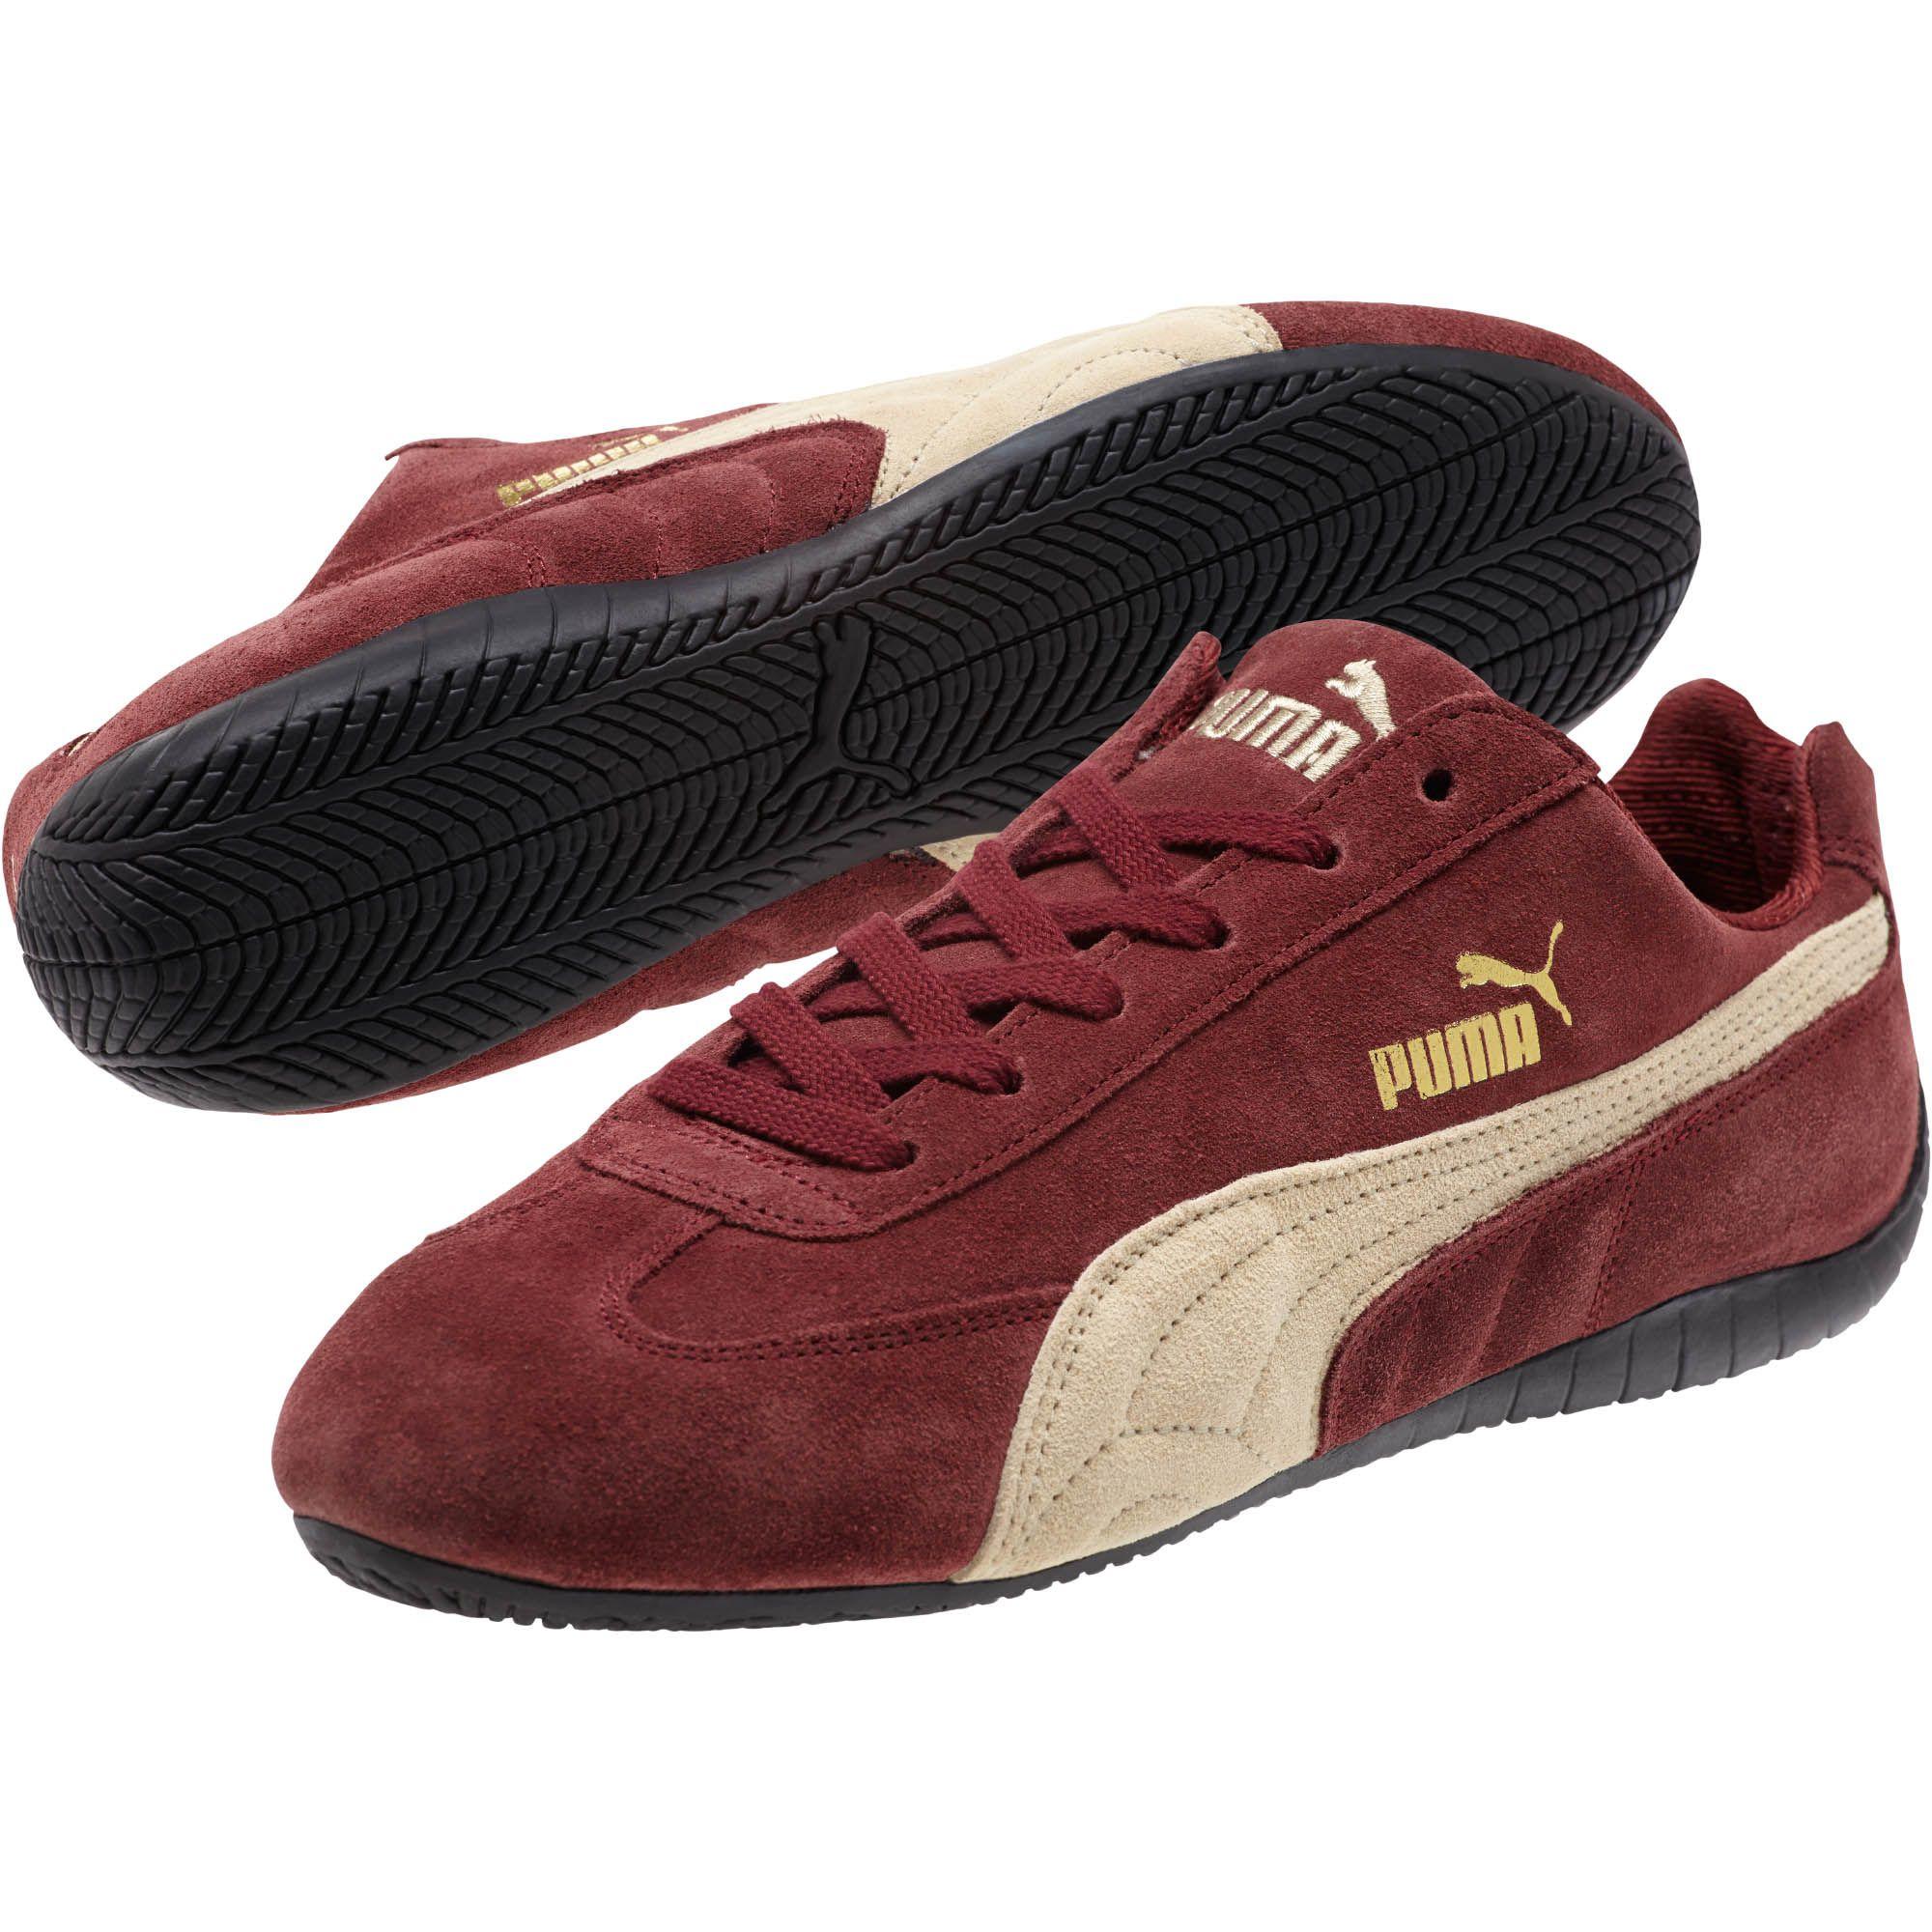 meilleure sélection 1157e 5ad4d PUMA Natural Speed Cat Shoes for men